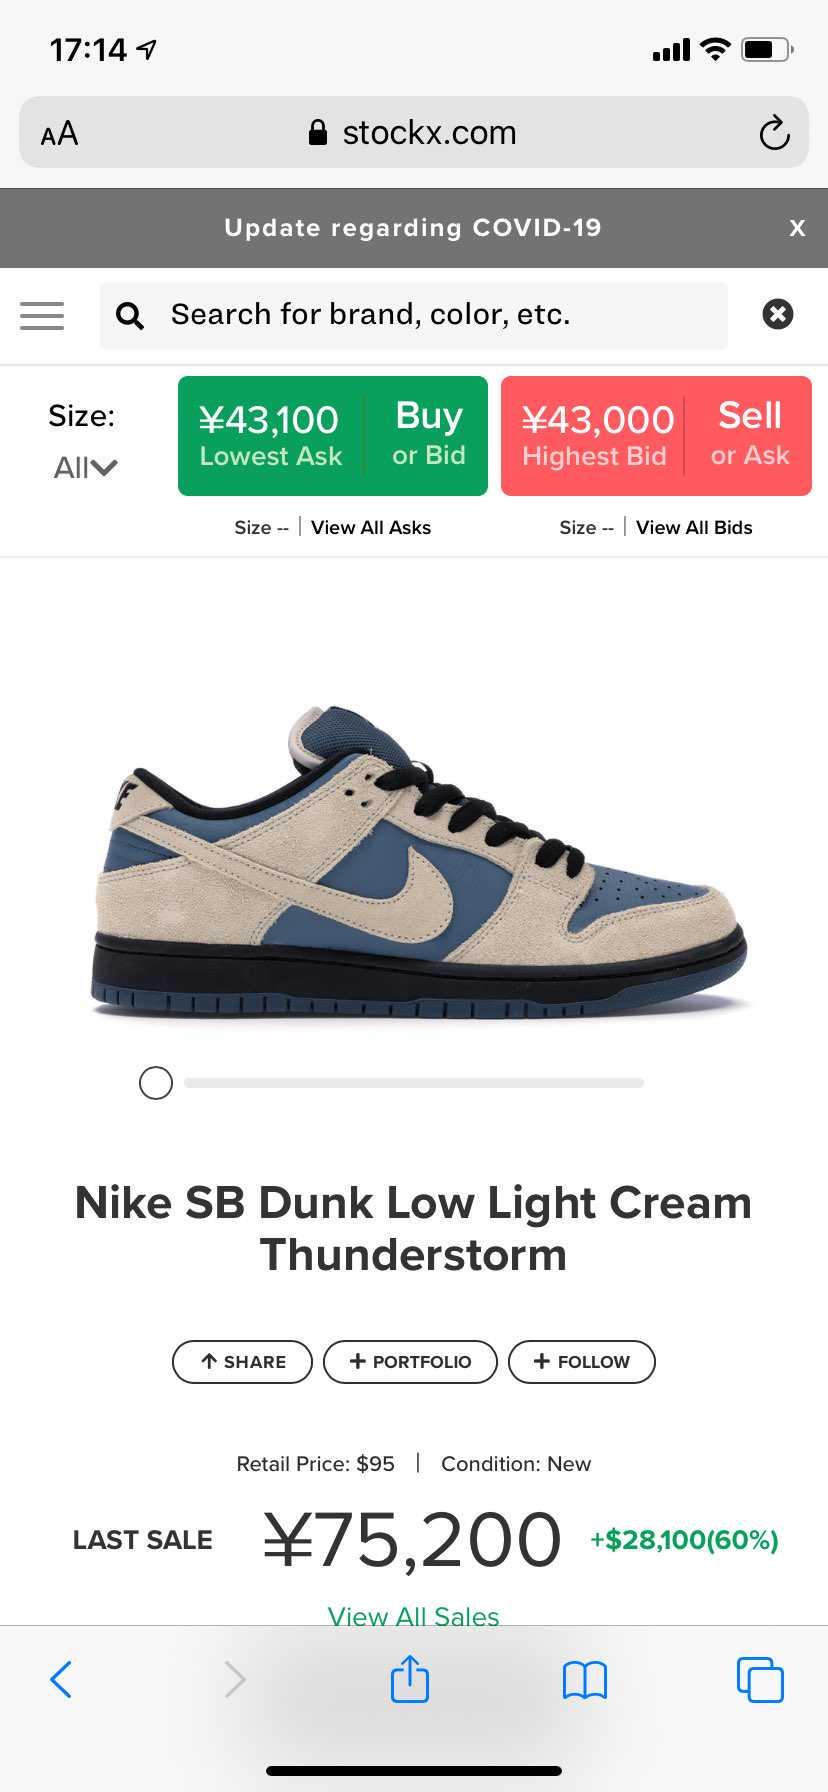 去年まで余ってた靴が7万?? 何が起こってるんです!?😱😱